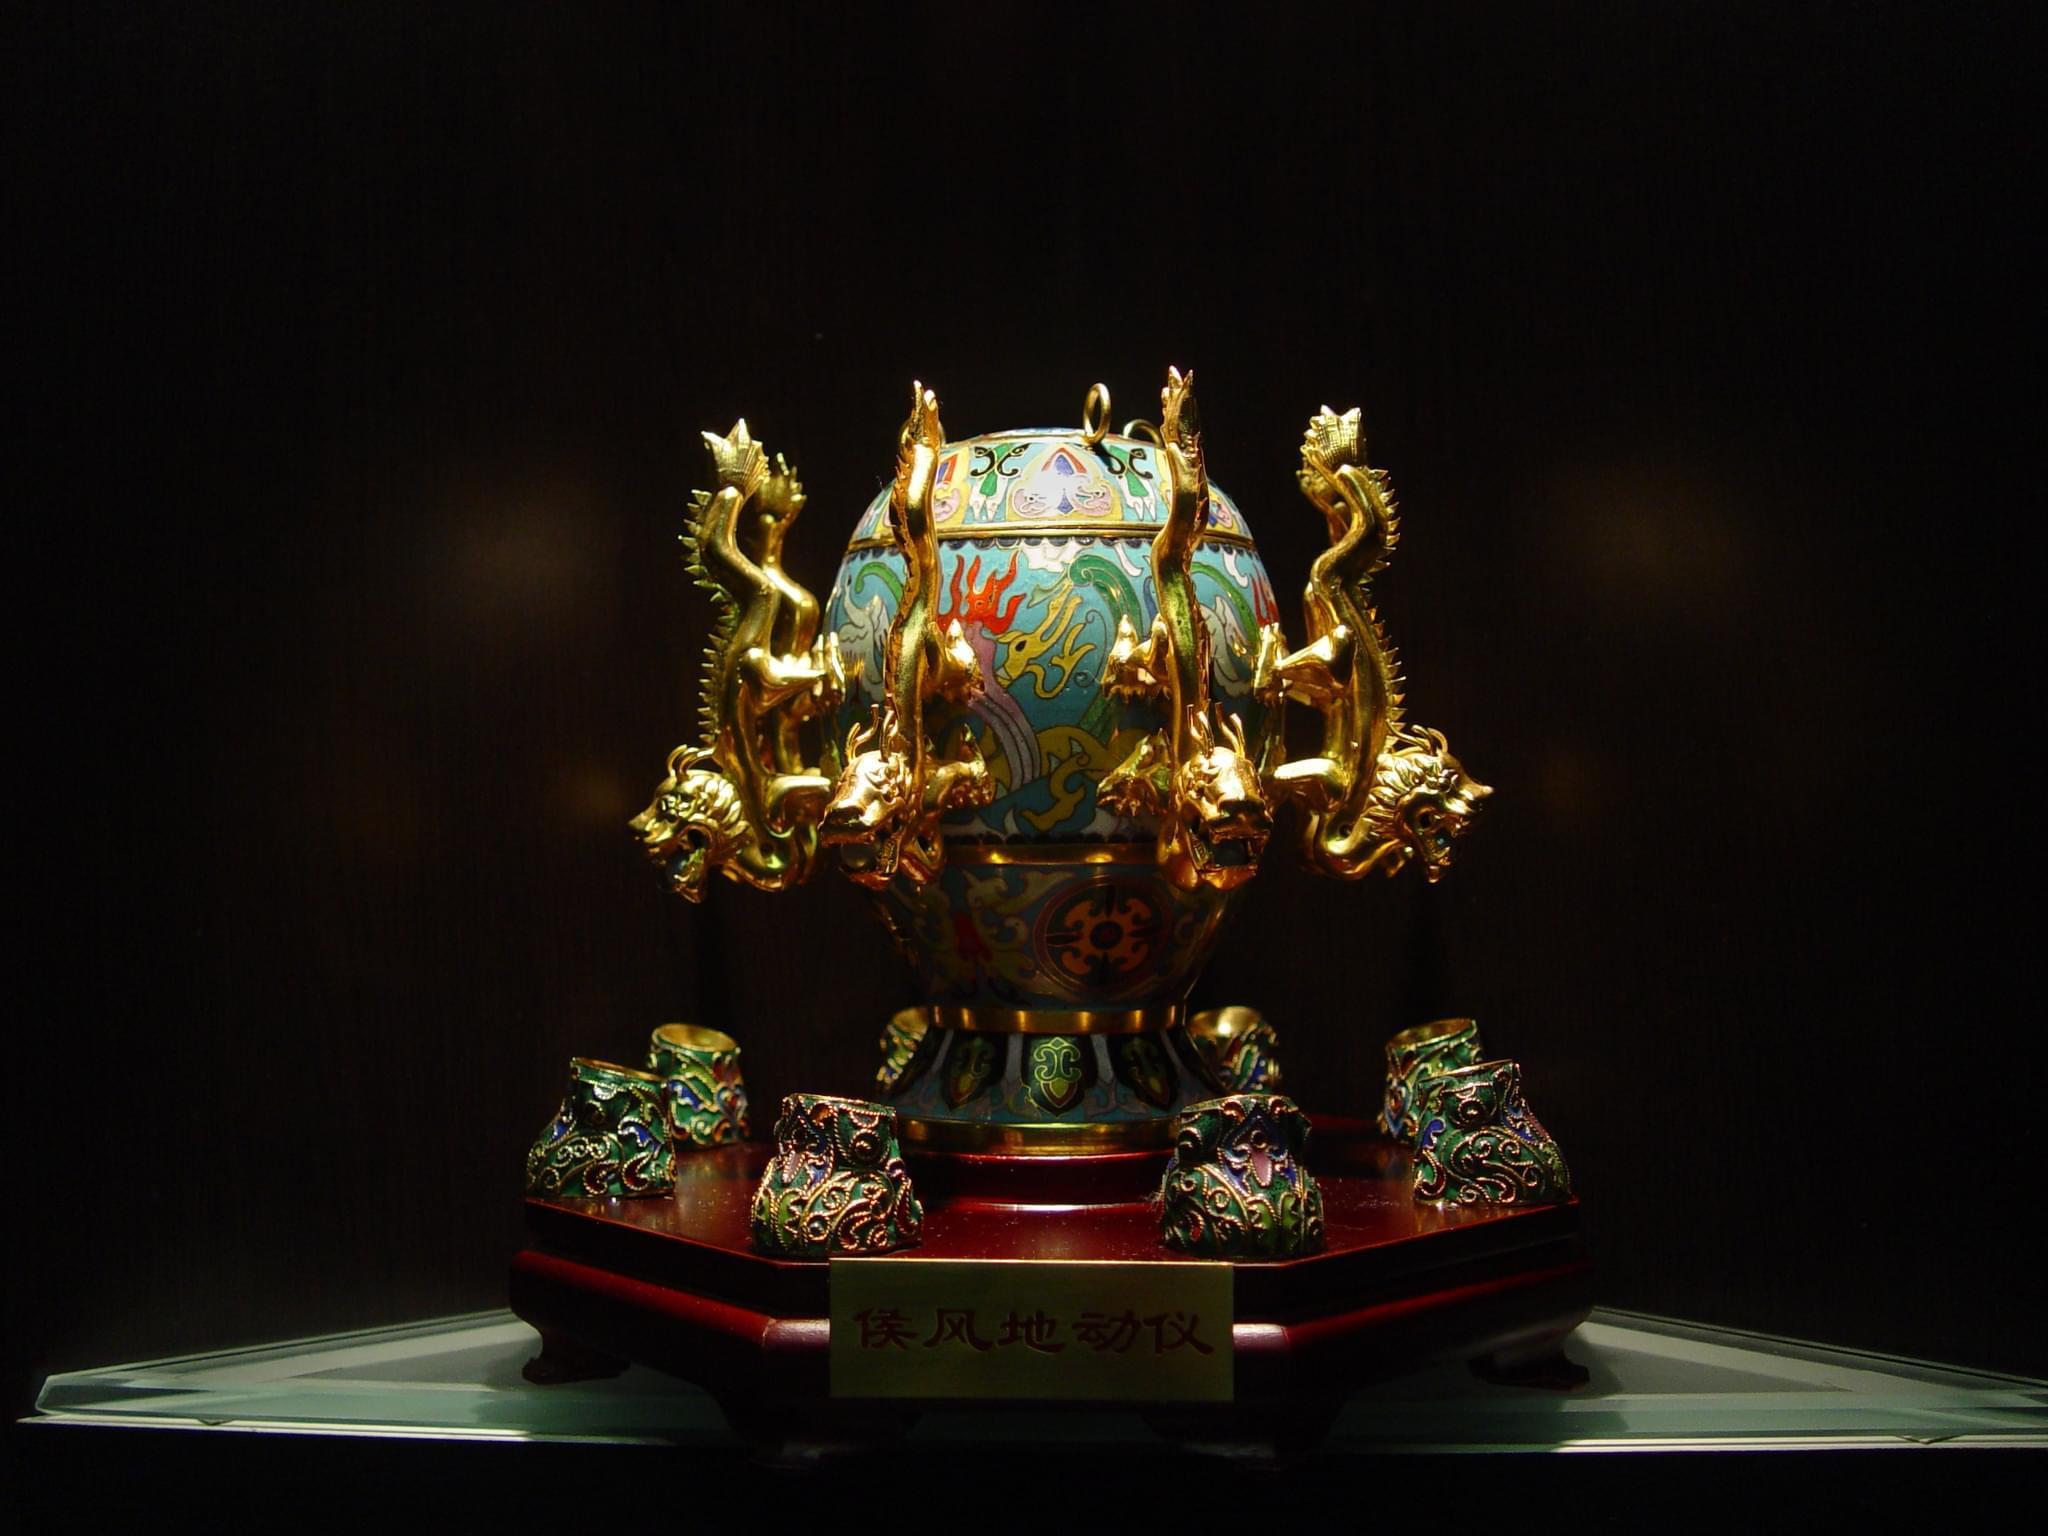 崇拜蟾蜍:被人忽视的中秋节习俗